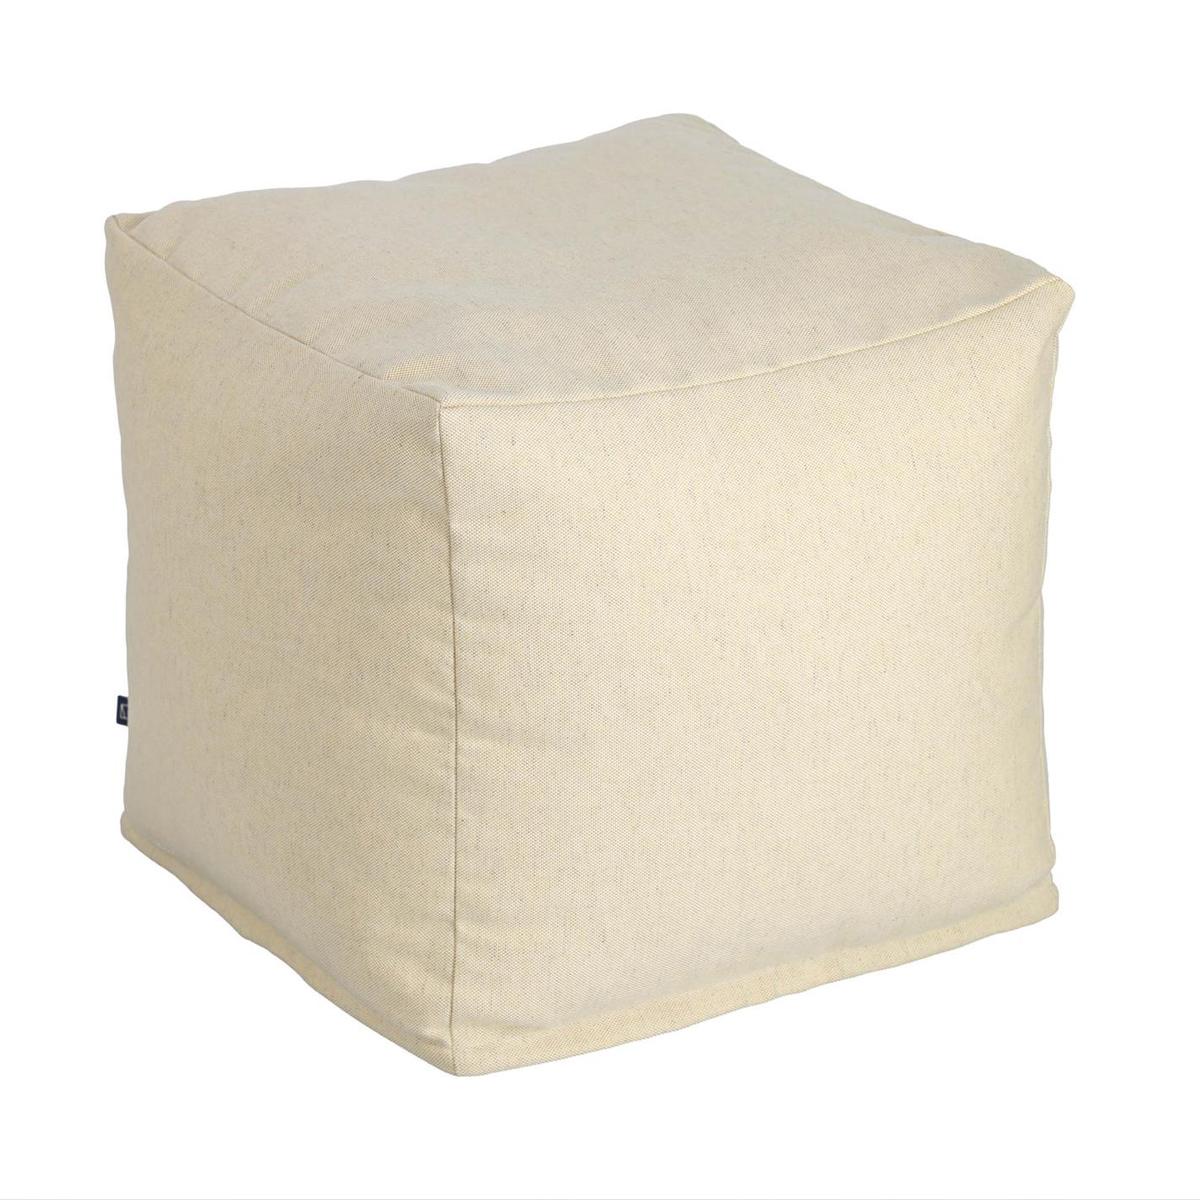 Pouf carré et uni - Beige - 50 x 50 x 40 cm